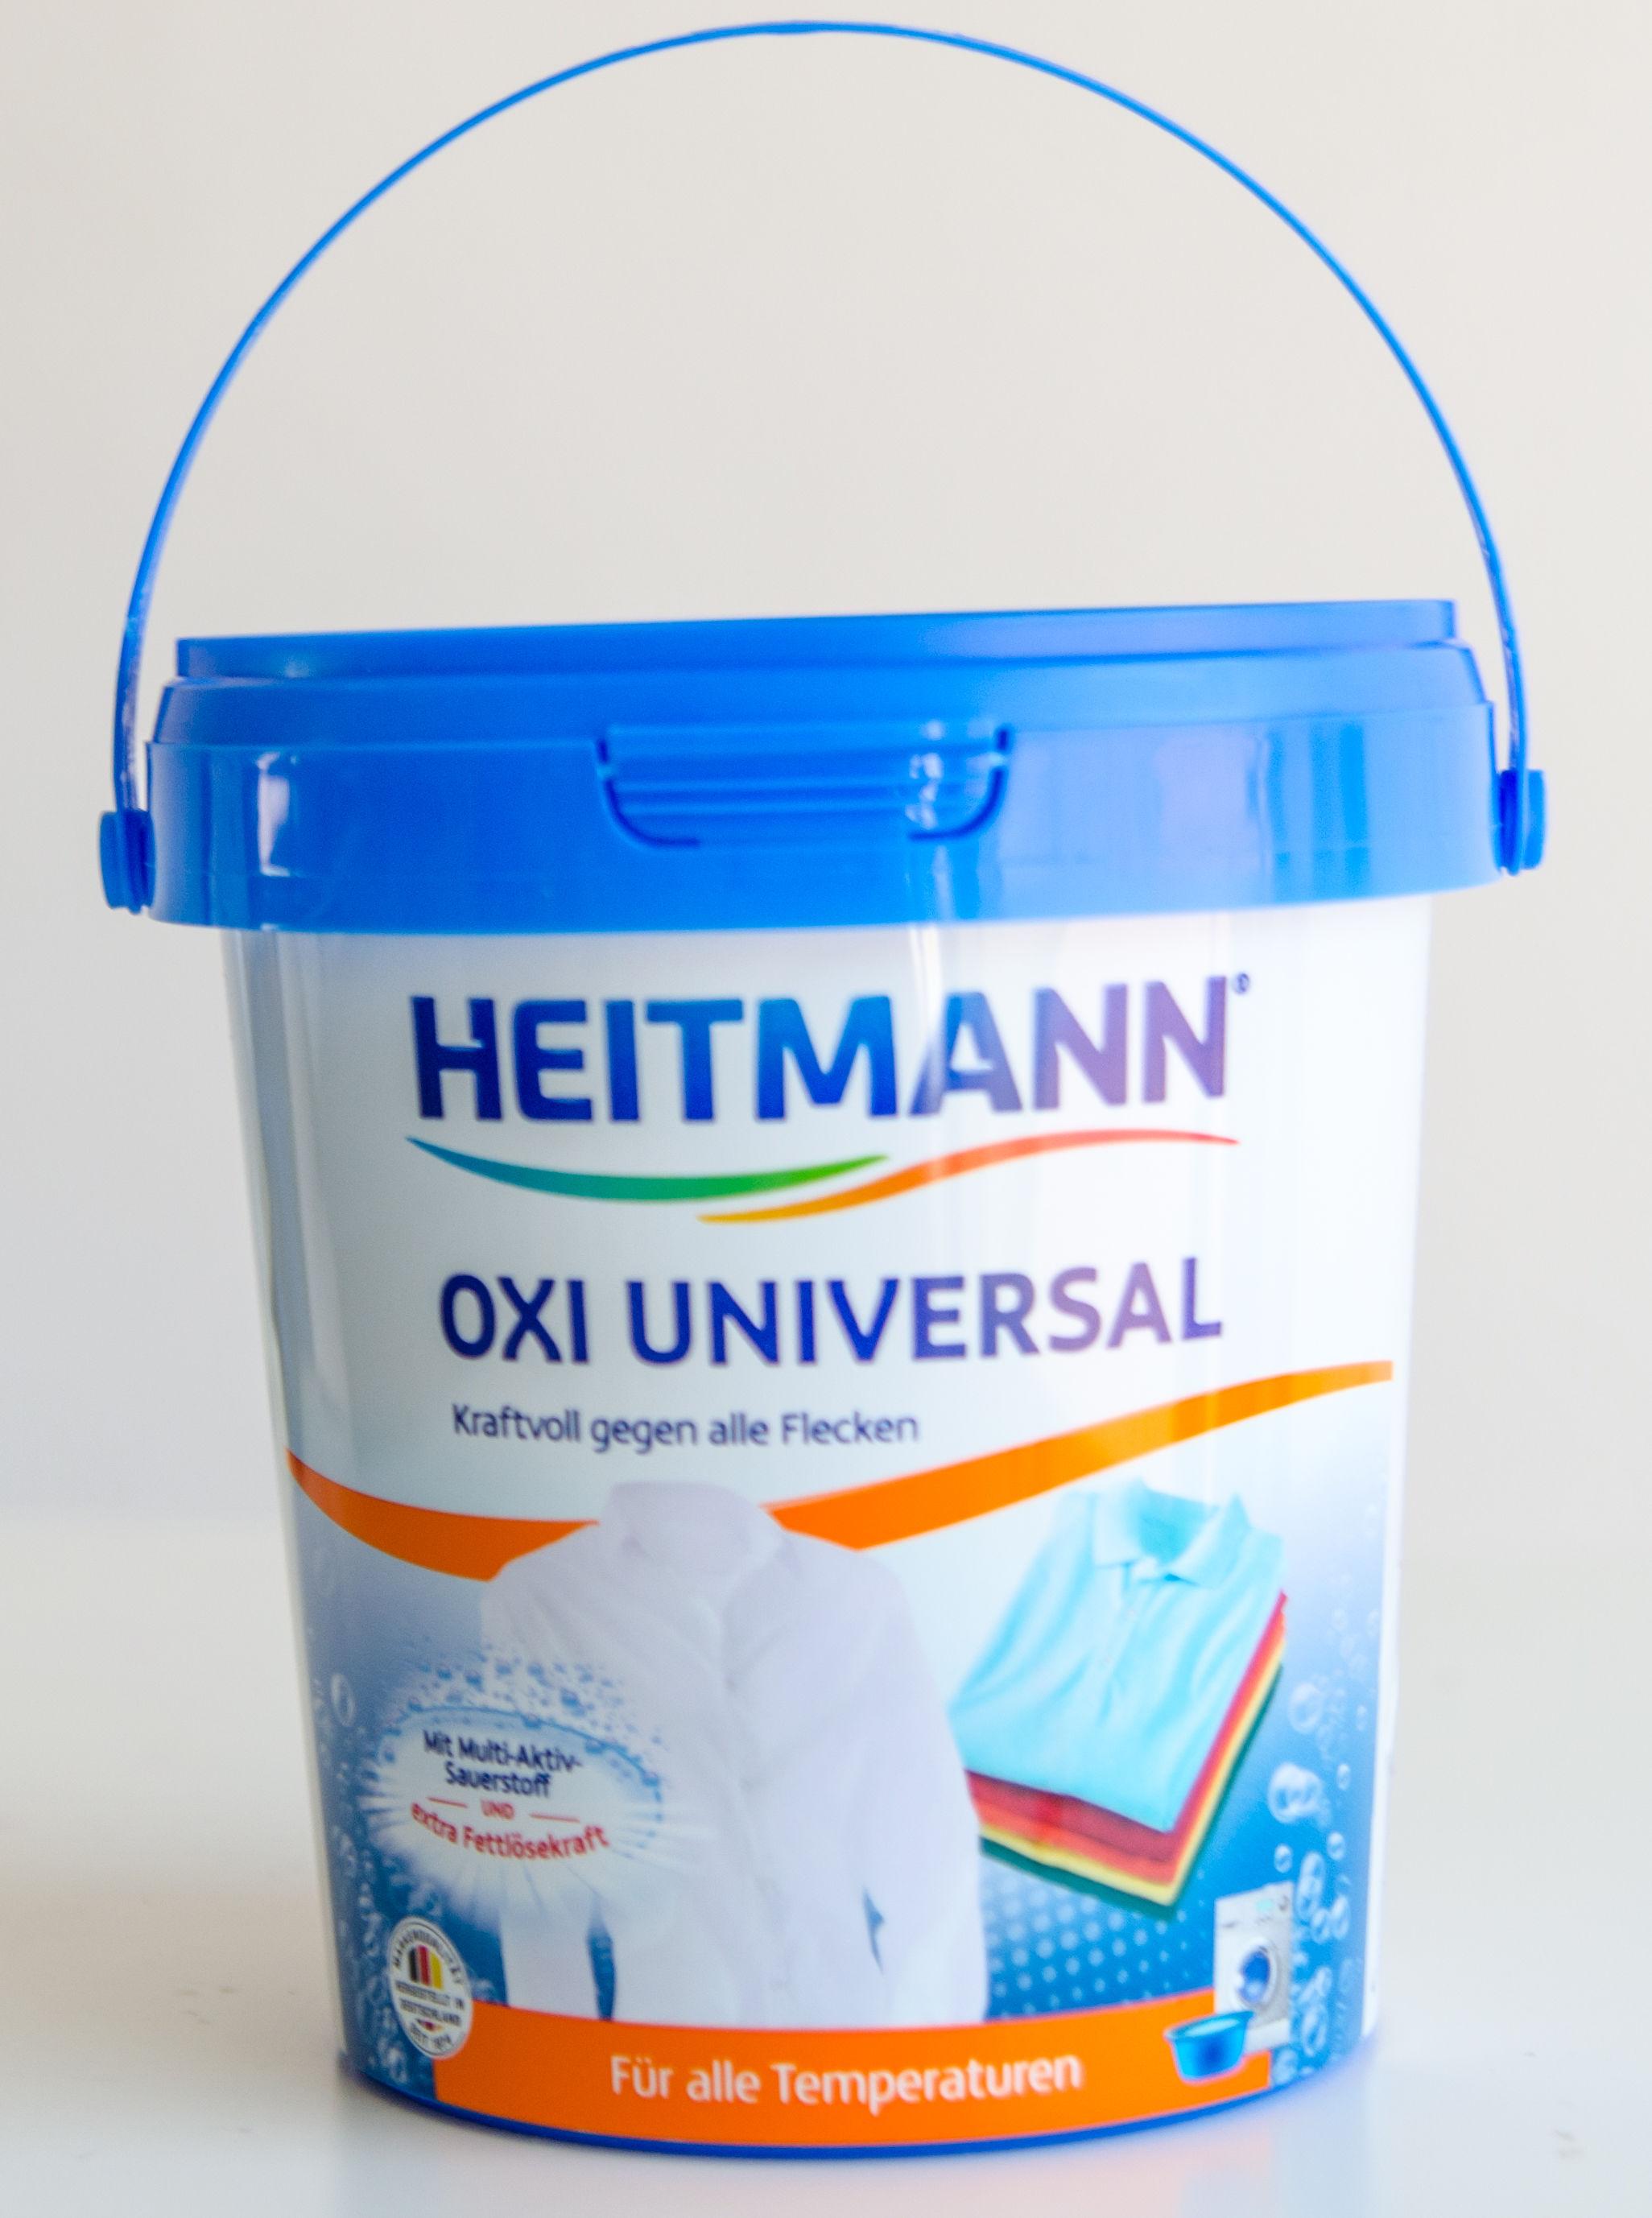 Oxi Universal Odplamiacz do Tkanin 750g Heitmann